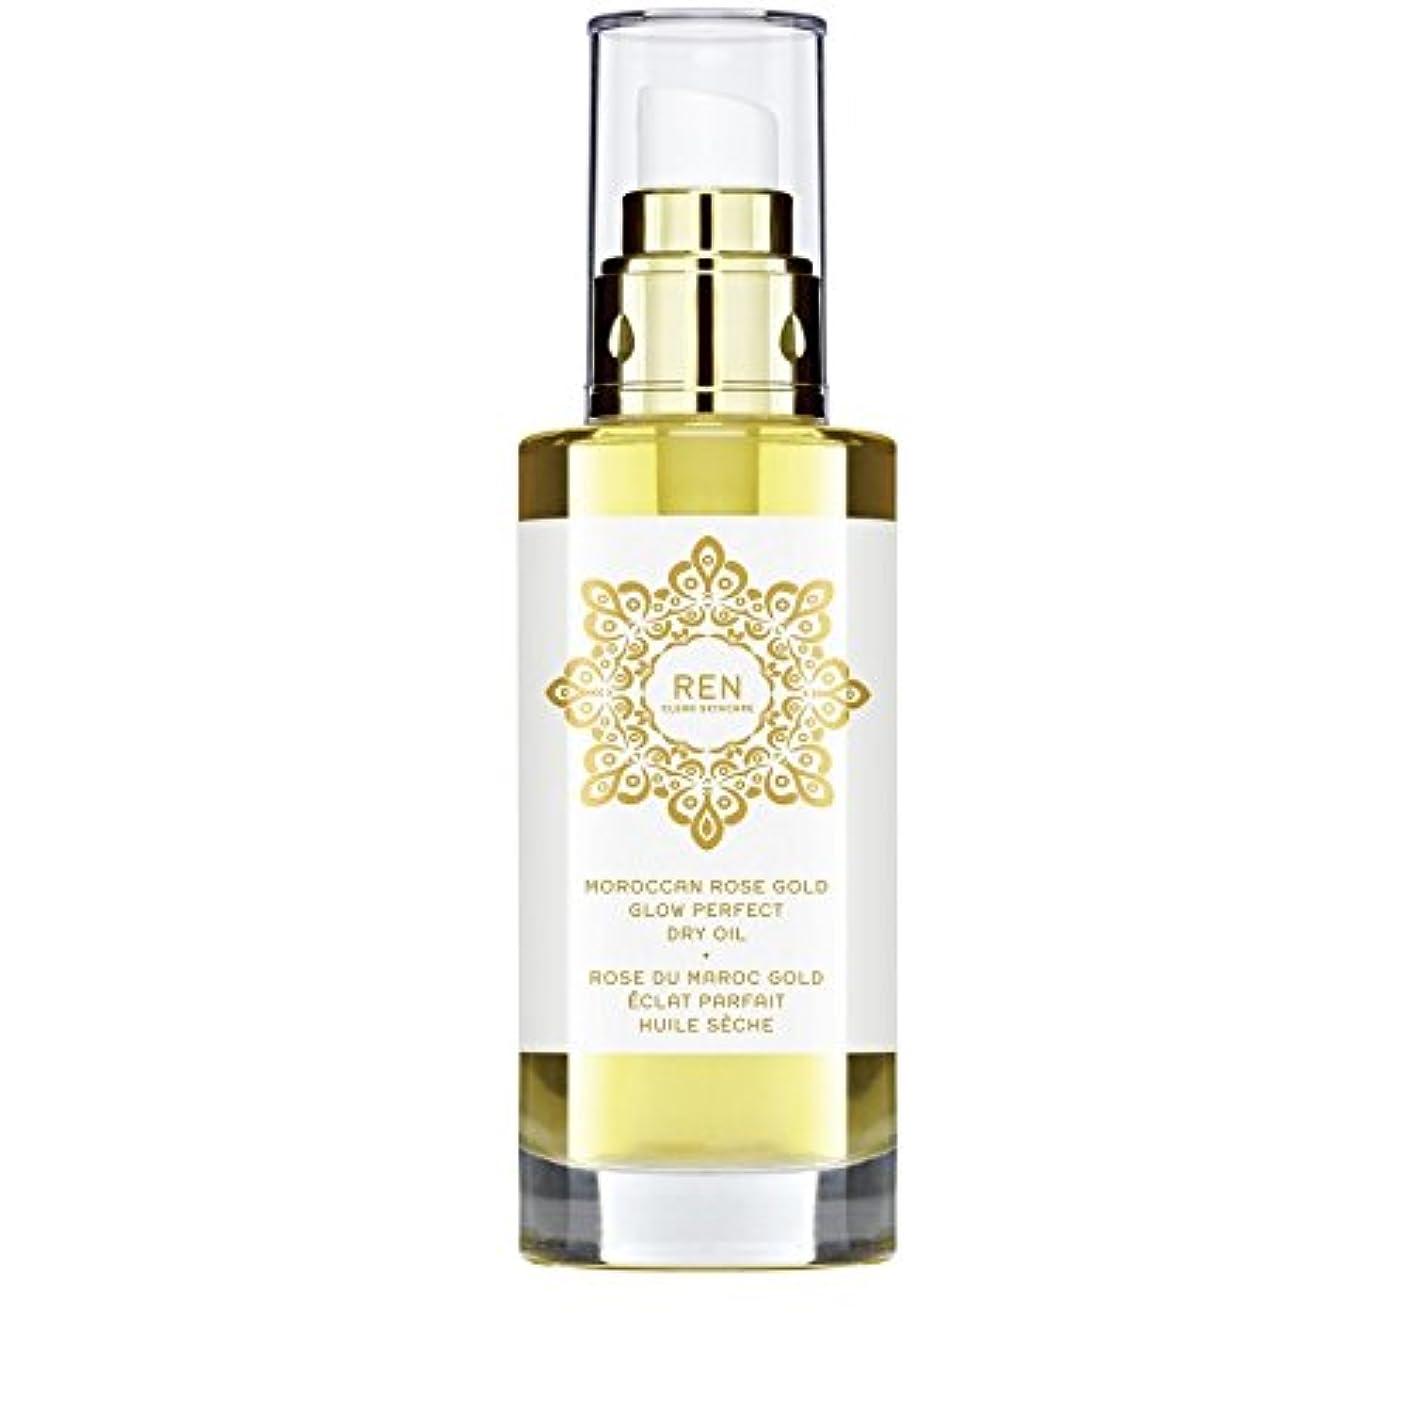 健全軸演劇モロッコは金が完璧なドライオイル100ミリリットルグローバラ x4 - REN Moroccan Rose Gold Glow Perfect Dry Oil 100ml (Pack of 4) [並行輸入品]